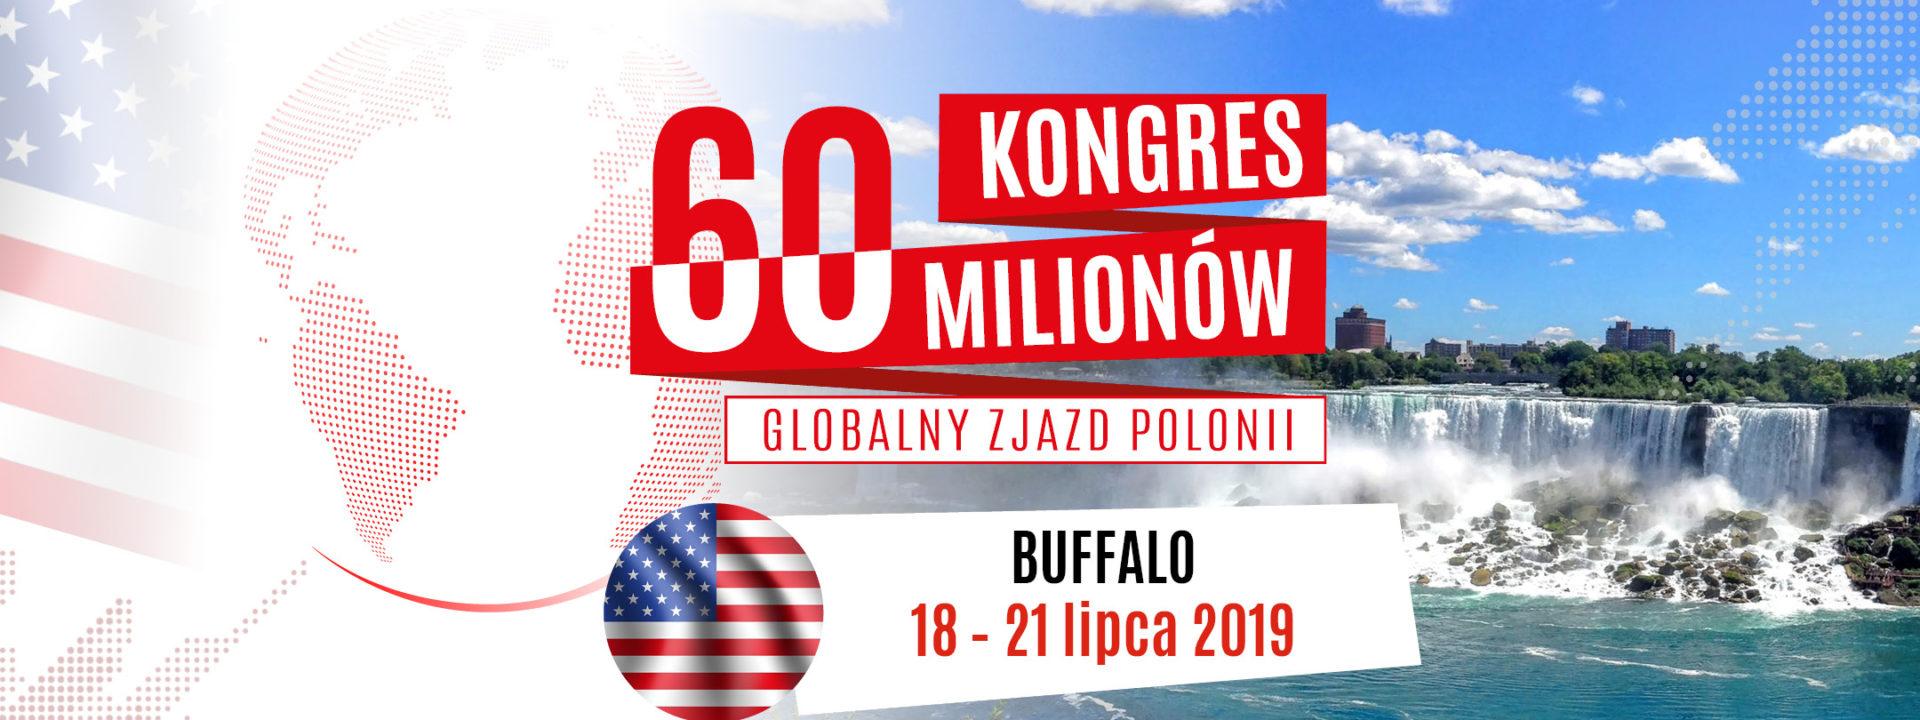 Globalny Zjazd Polonii w Buffalo, NY